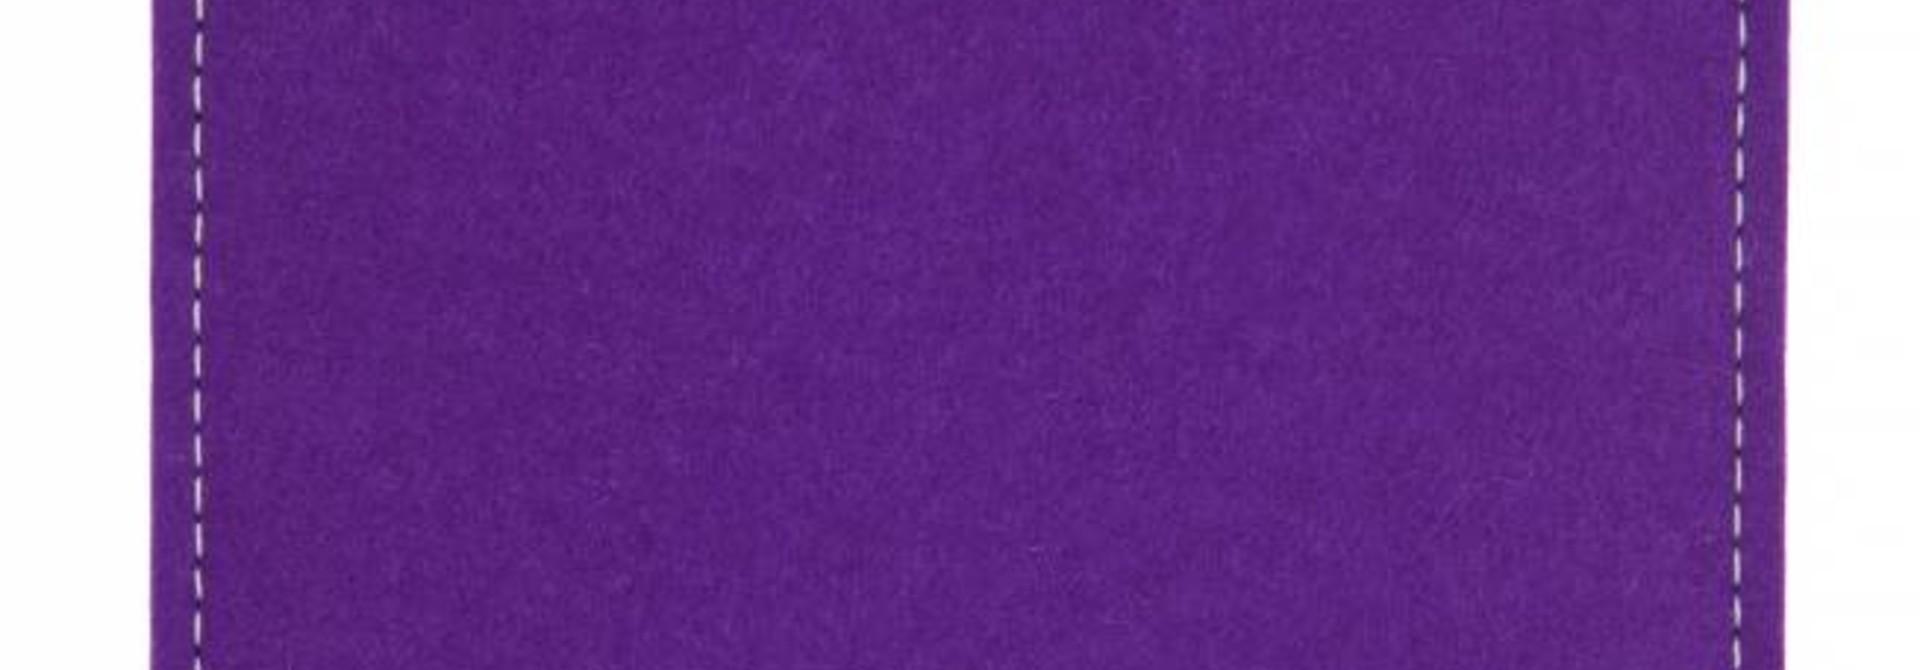 MediaPad Sleeve Purple